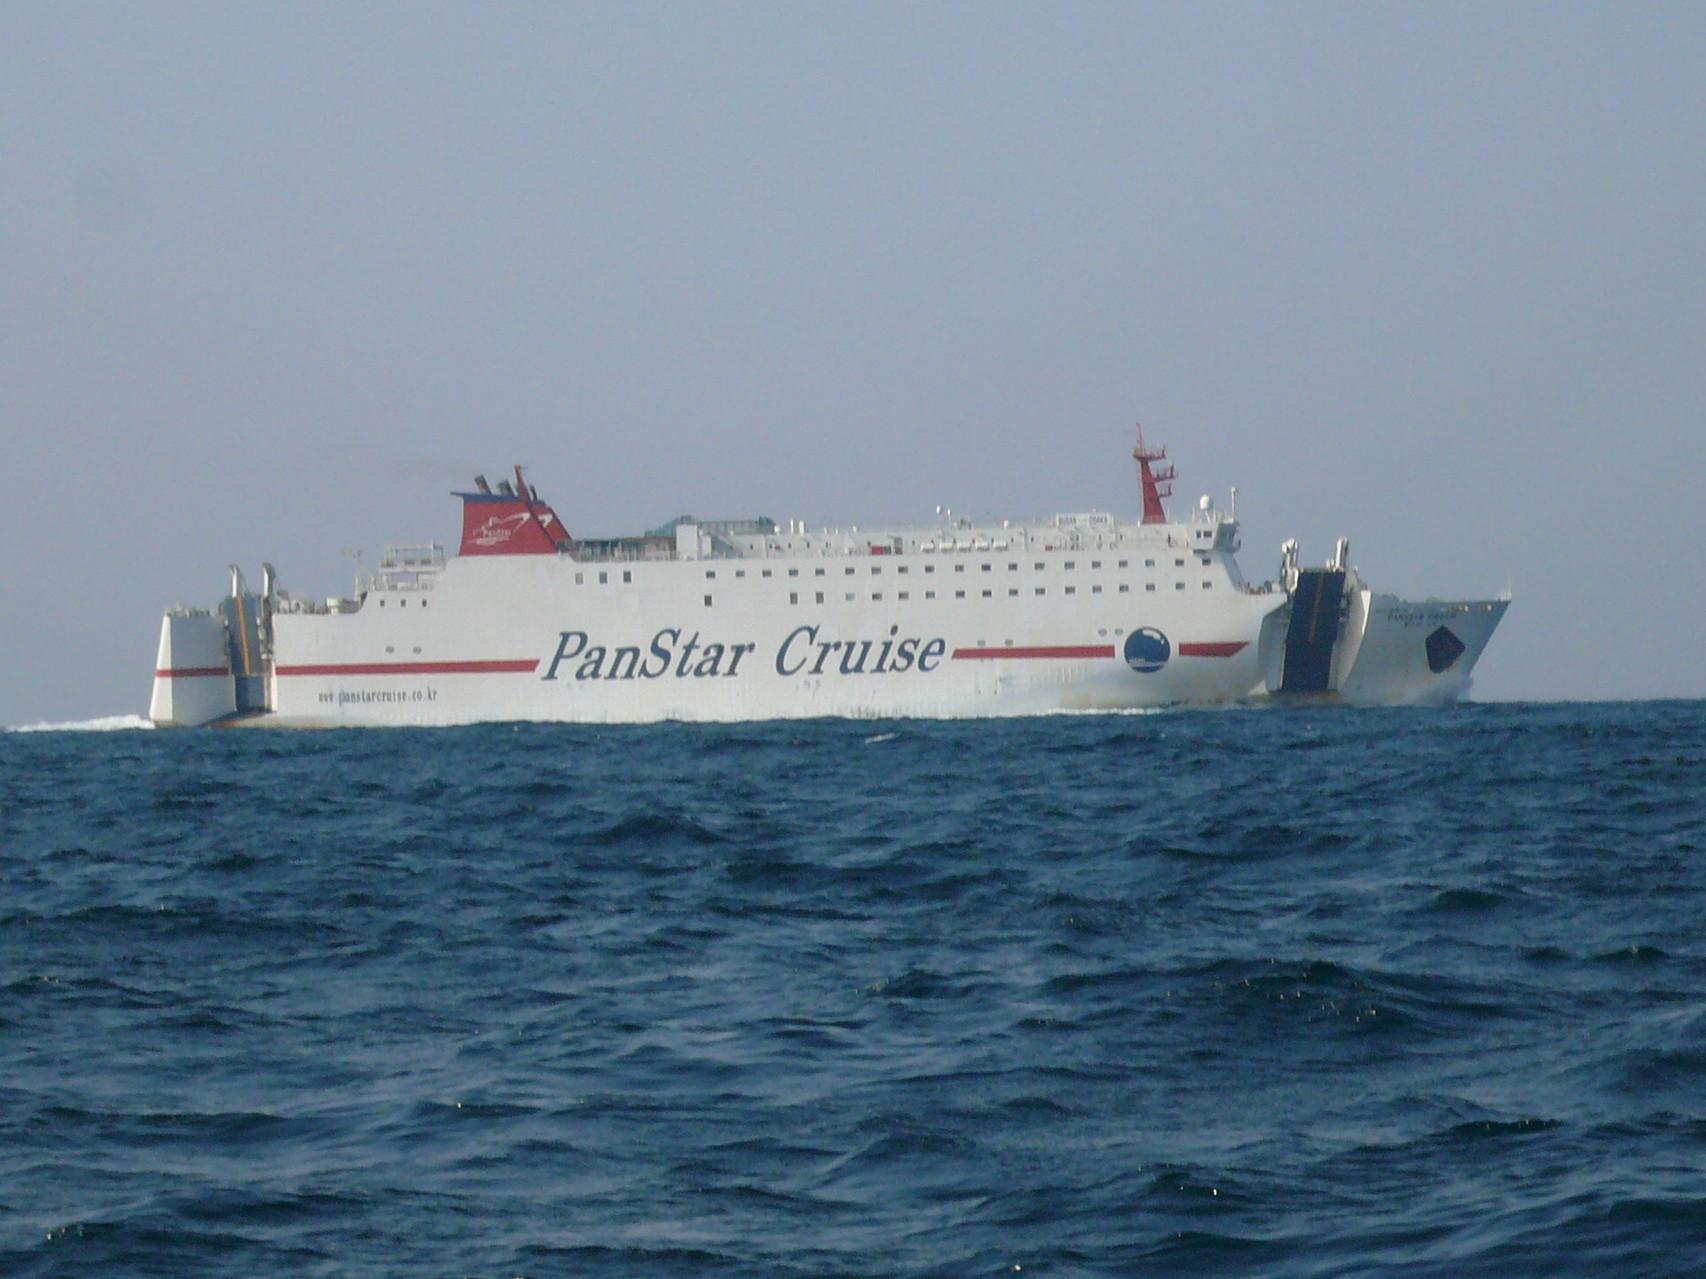 3月15日 三界のポイント 釜山行きのカーフェリー今日は 本船より 灘を通過